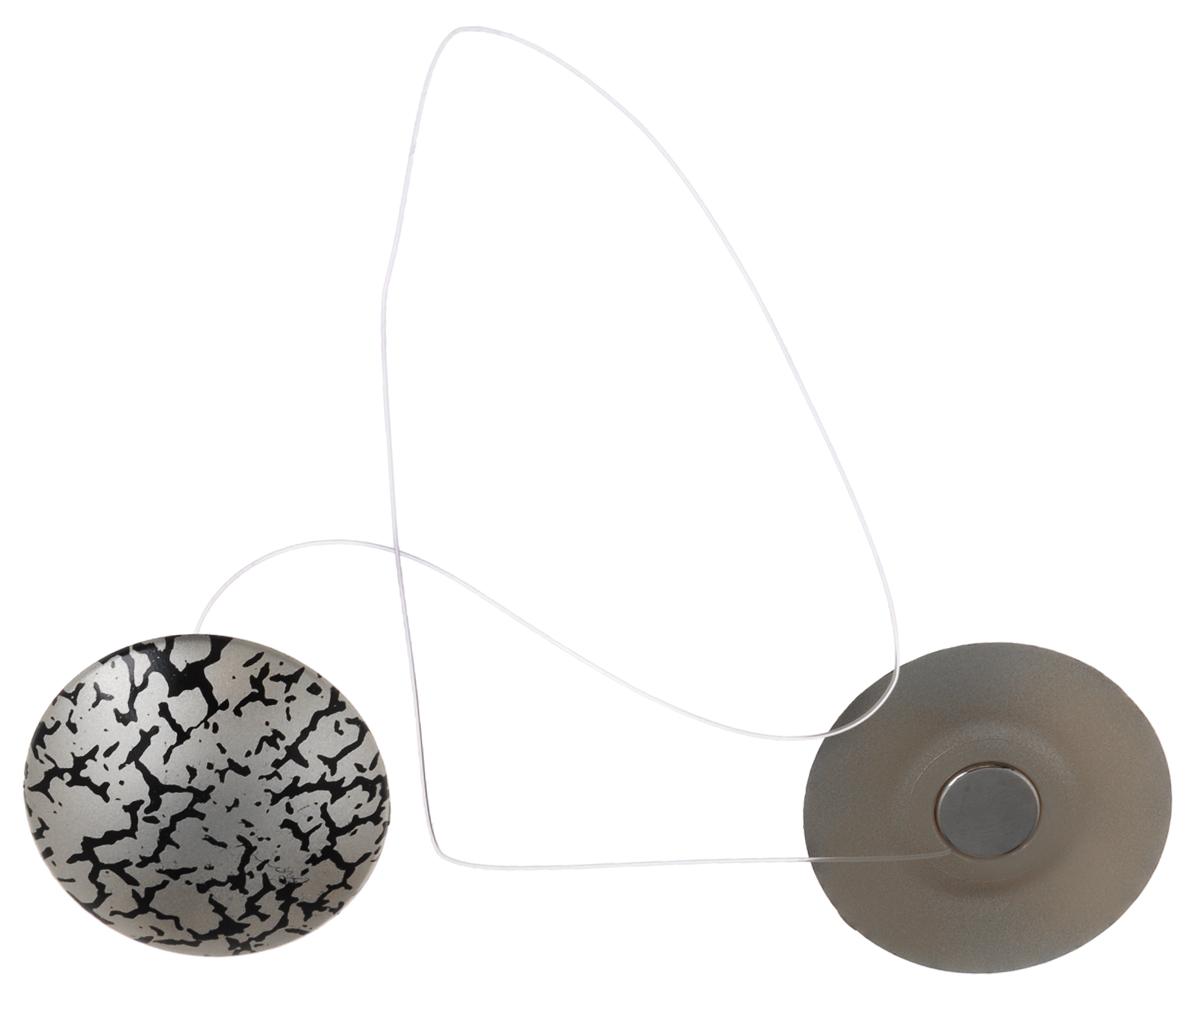 Клипсы магнитные для штор SmolTtx Трещины, с леской, цвет: серебристый, черный, длина 33,5 см, 2 шт544091_3ЕМагнитные клипсы SmolTtx Трещины предназначены для придания формы шторам. Изделие представляет собой соединенные леской два элемента, на внутренней поверхности которых расположены магниты.С помощью такой клипсы можно зафиксировать портьеры, придать им требуемое положение, сделать складки симметричными или приблизить портьеры, скрепить их.Следует отметить, что такие аксессуары для штор выполняют не только практическую функцию, но также являются одной из основных деталей декора, которая придает шторам восхитительный, стильный внешний вид. Длина клипсы (с учетом лески): 33,5 см. Диаметр клипсы: 3,5 см.